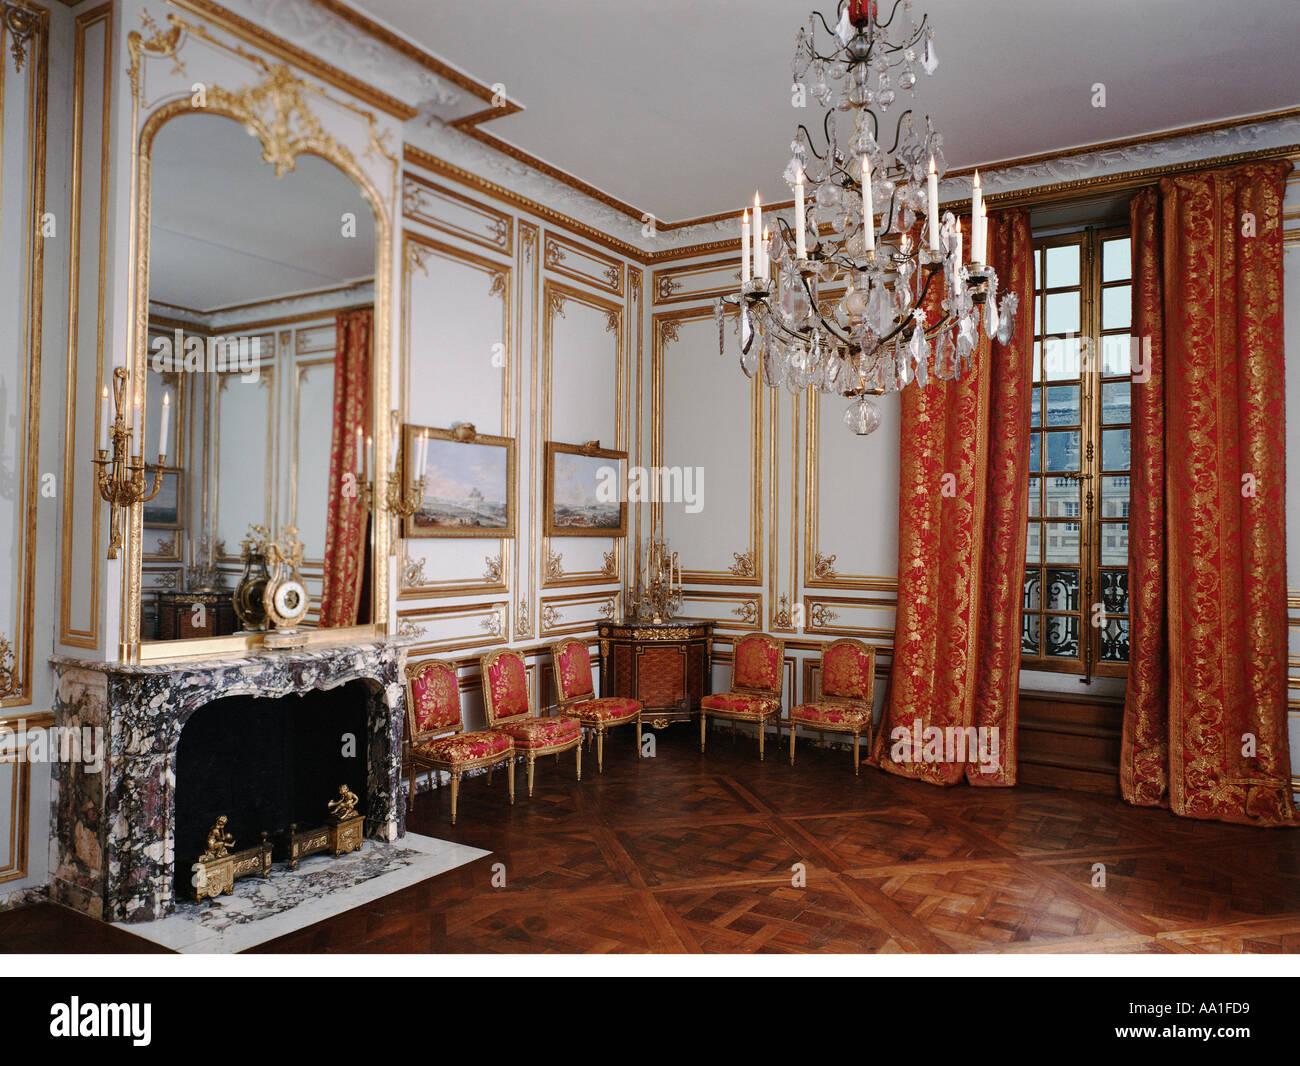 Palace of versailles salon des jeux stock photo royalty for Salon versailles